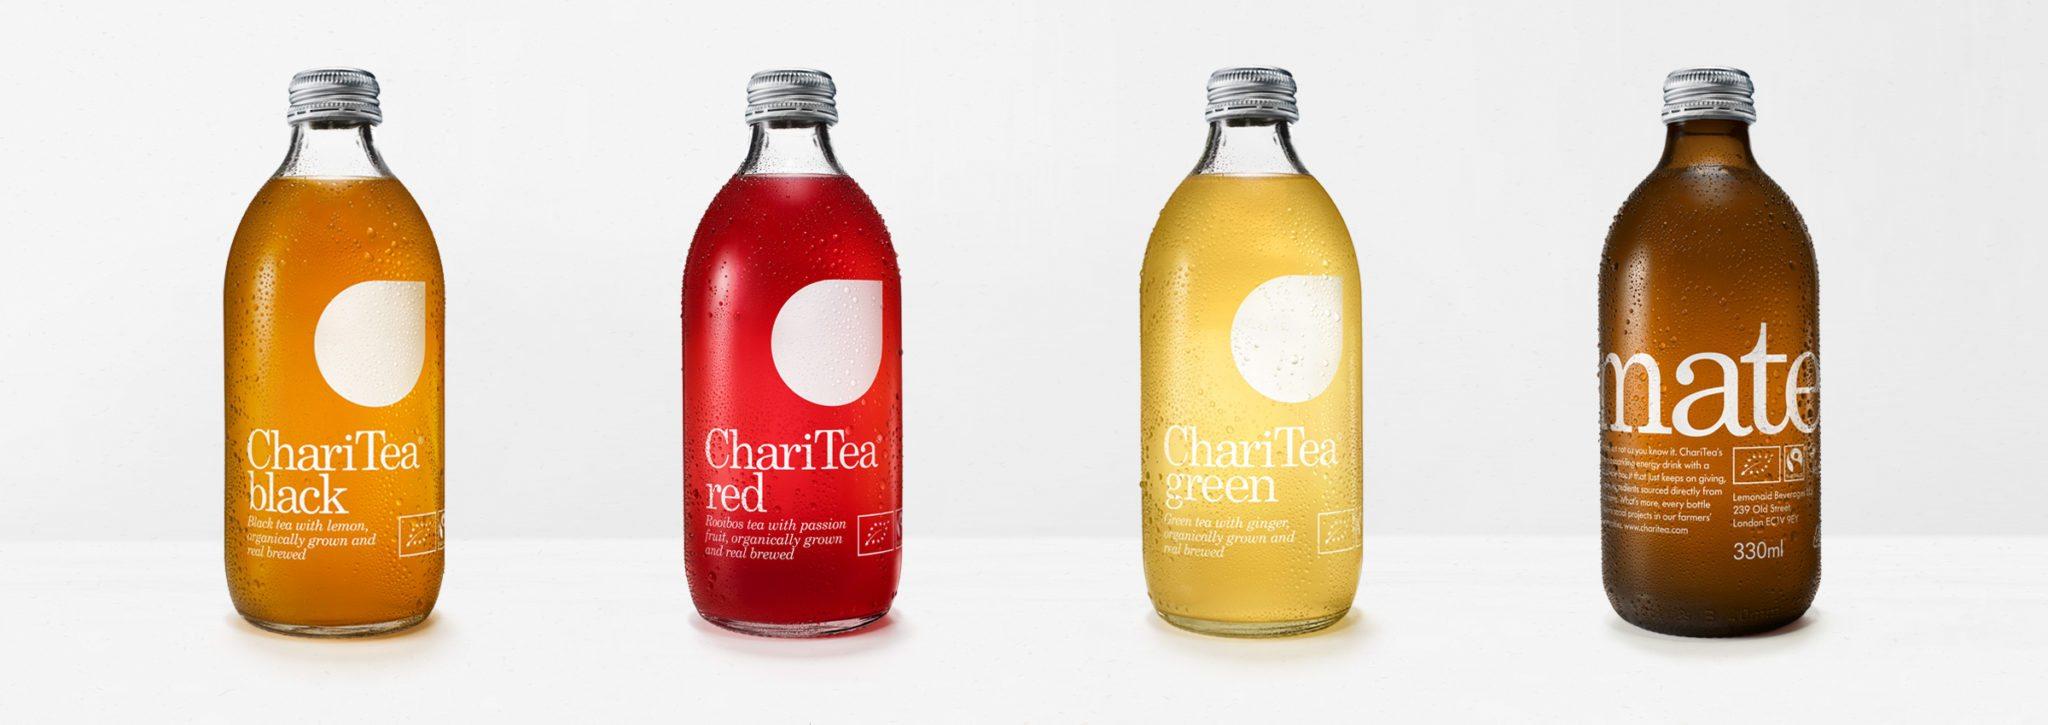 ChariTea - Products